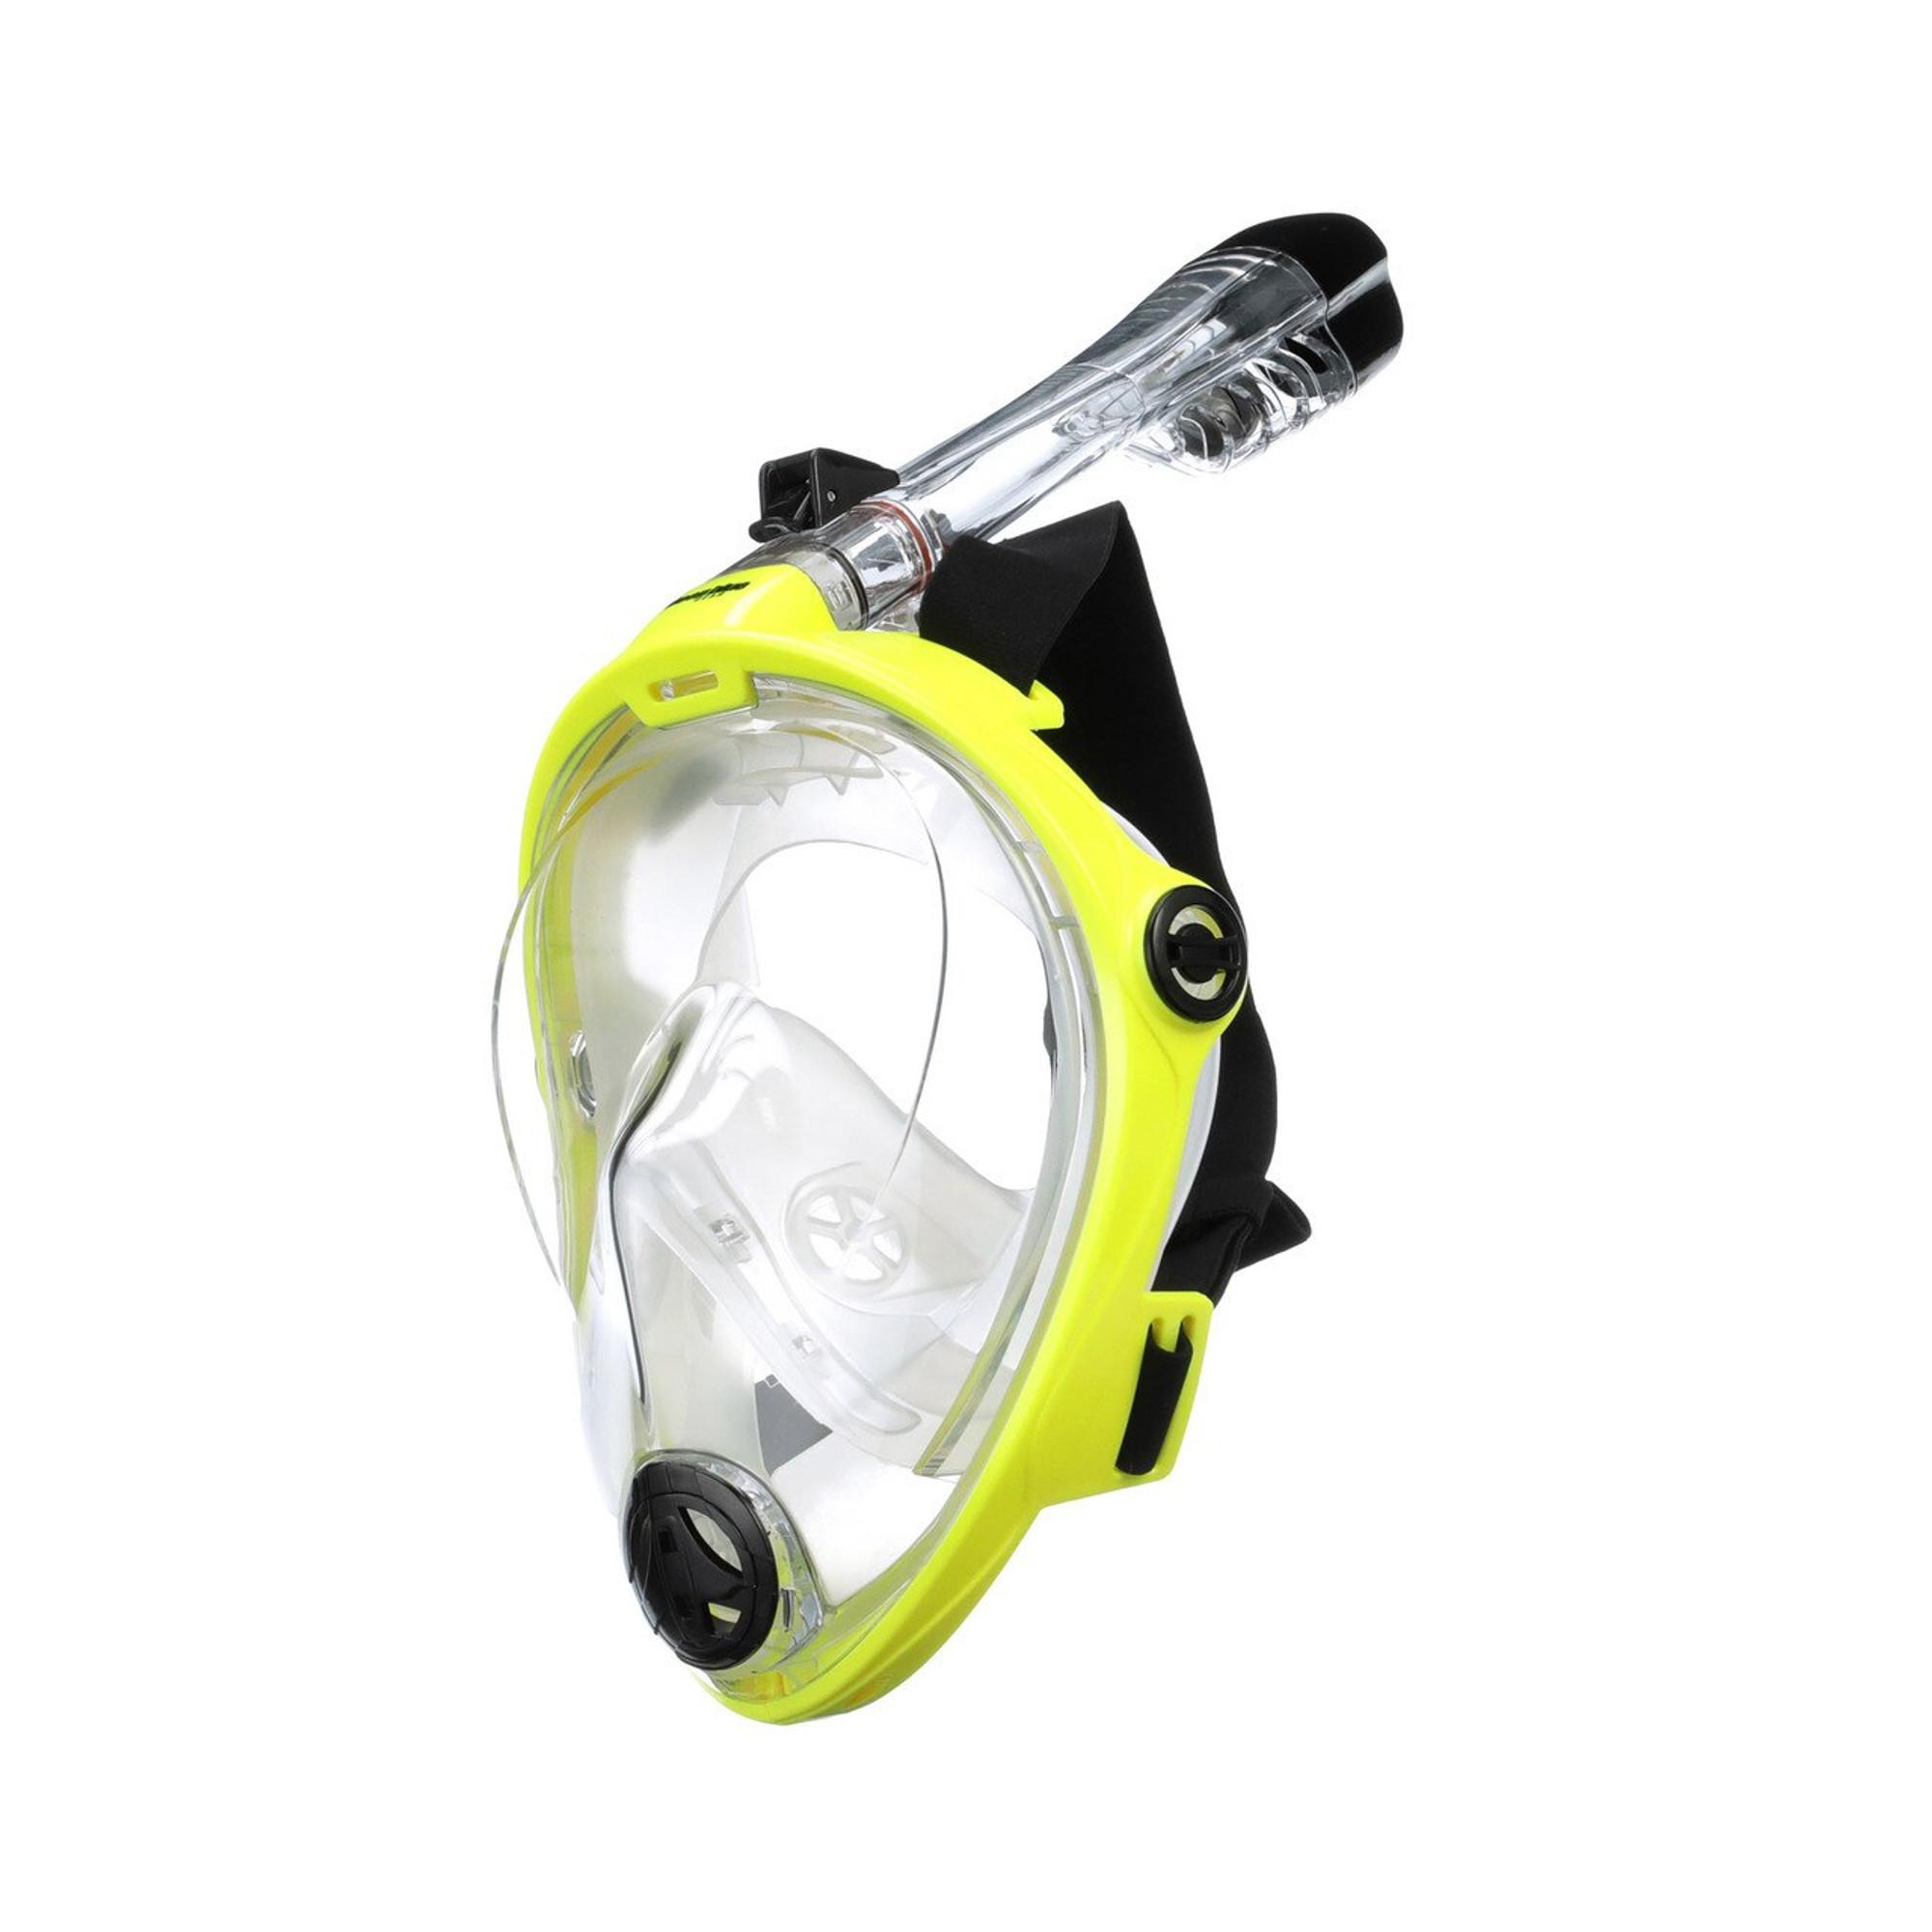 Vista Vue II Prescription Snorkeling Mask